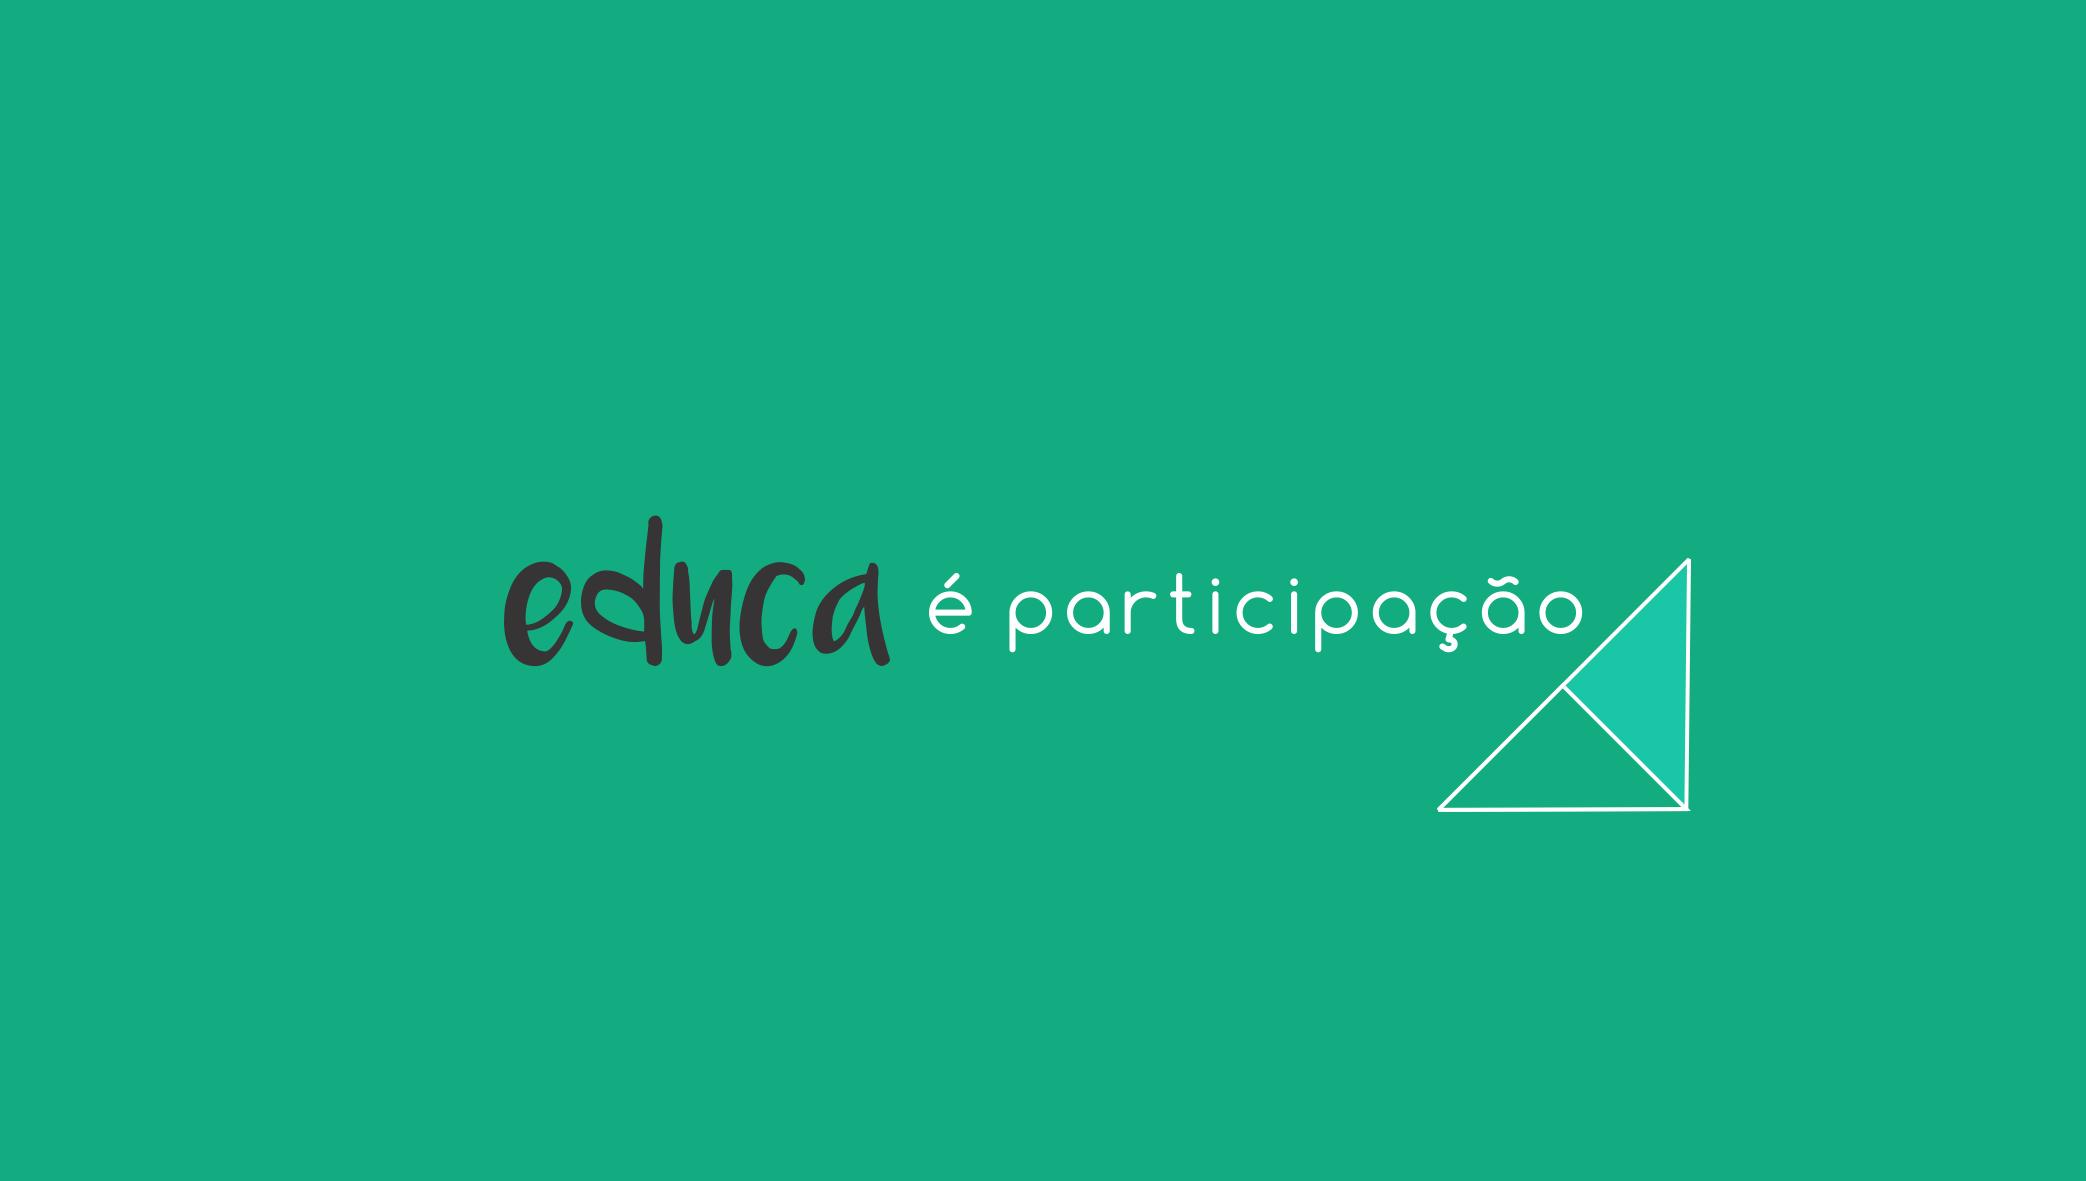 e_participacao